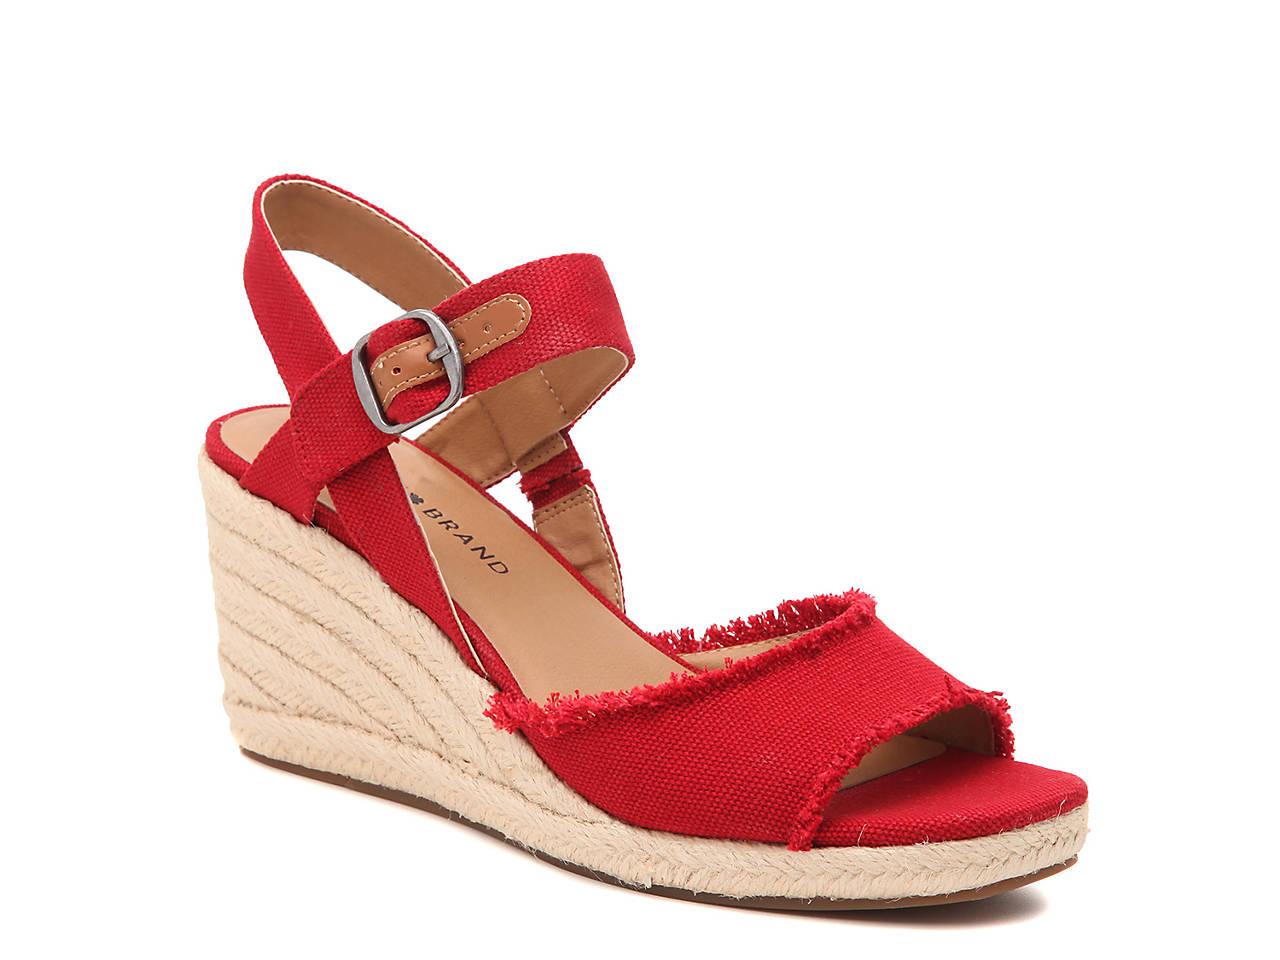 f62b1640efb Mindra Espadrille Wedge Sandal